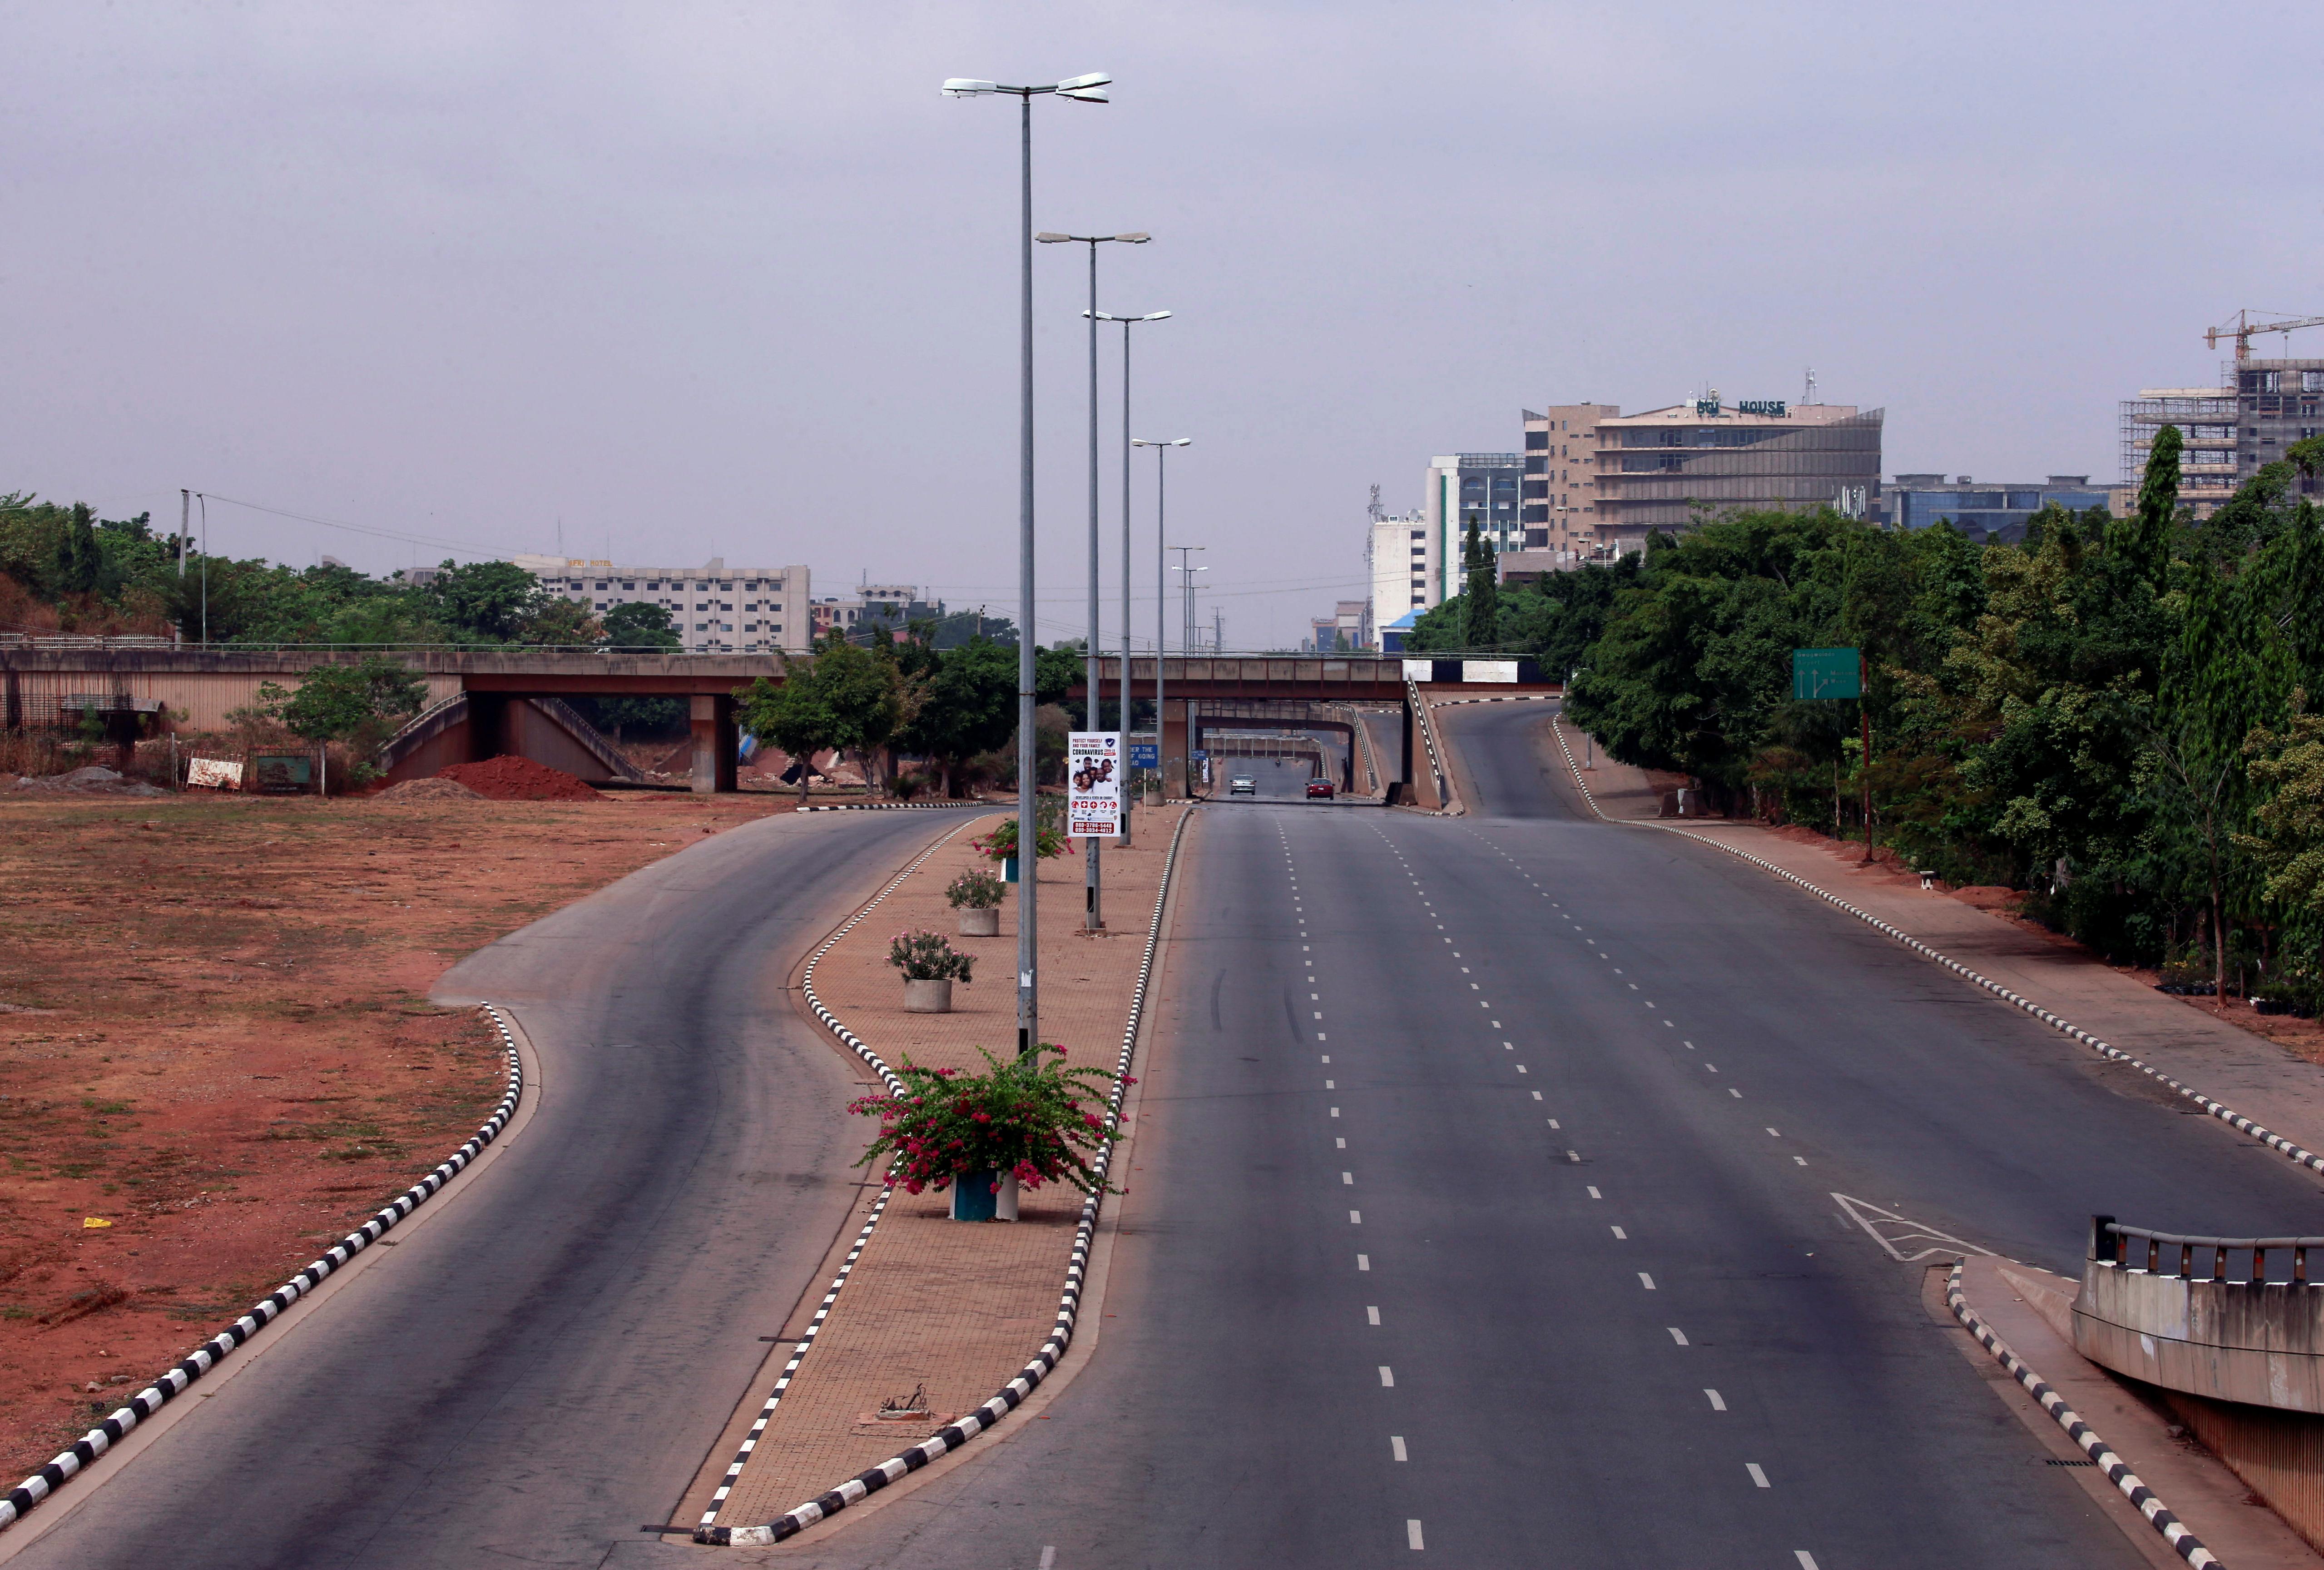 Calles vacías, postales que se repiten a lo largo y ancho del mundo por el COVID-19, inclusive en los países más poblados del mundo, en este caso en Abuja, Nigeria (REUTERS/Afolabi Sotunde)